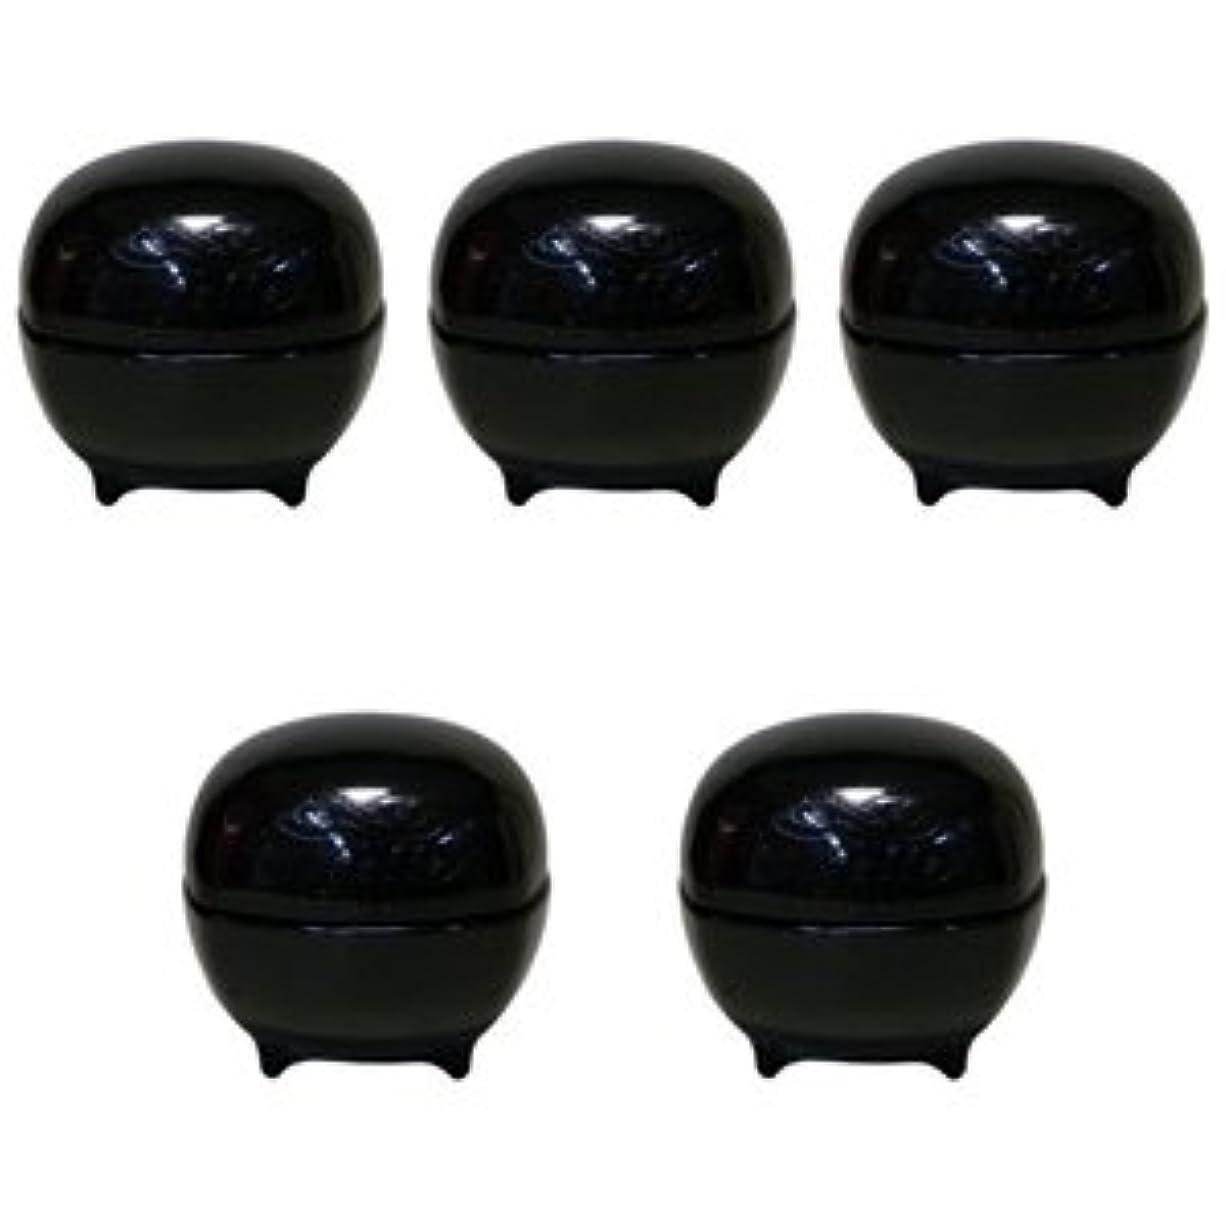 ツール申し込む底【X5個セット】 ミルボン ニゼル グラスプワックス 80g (ニゼルドレシアコレクション) GRASP WAX MILBON